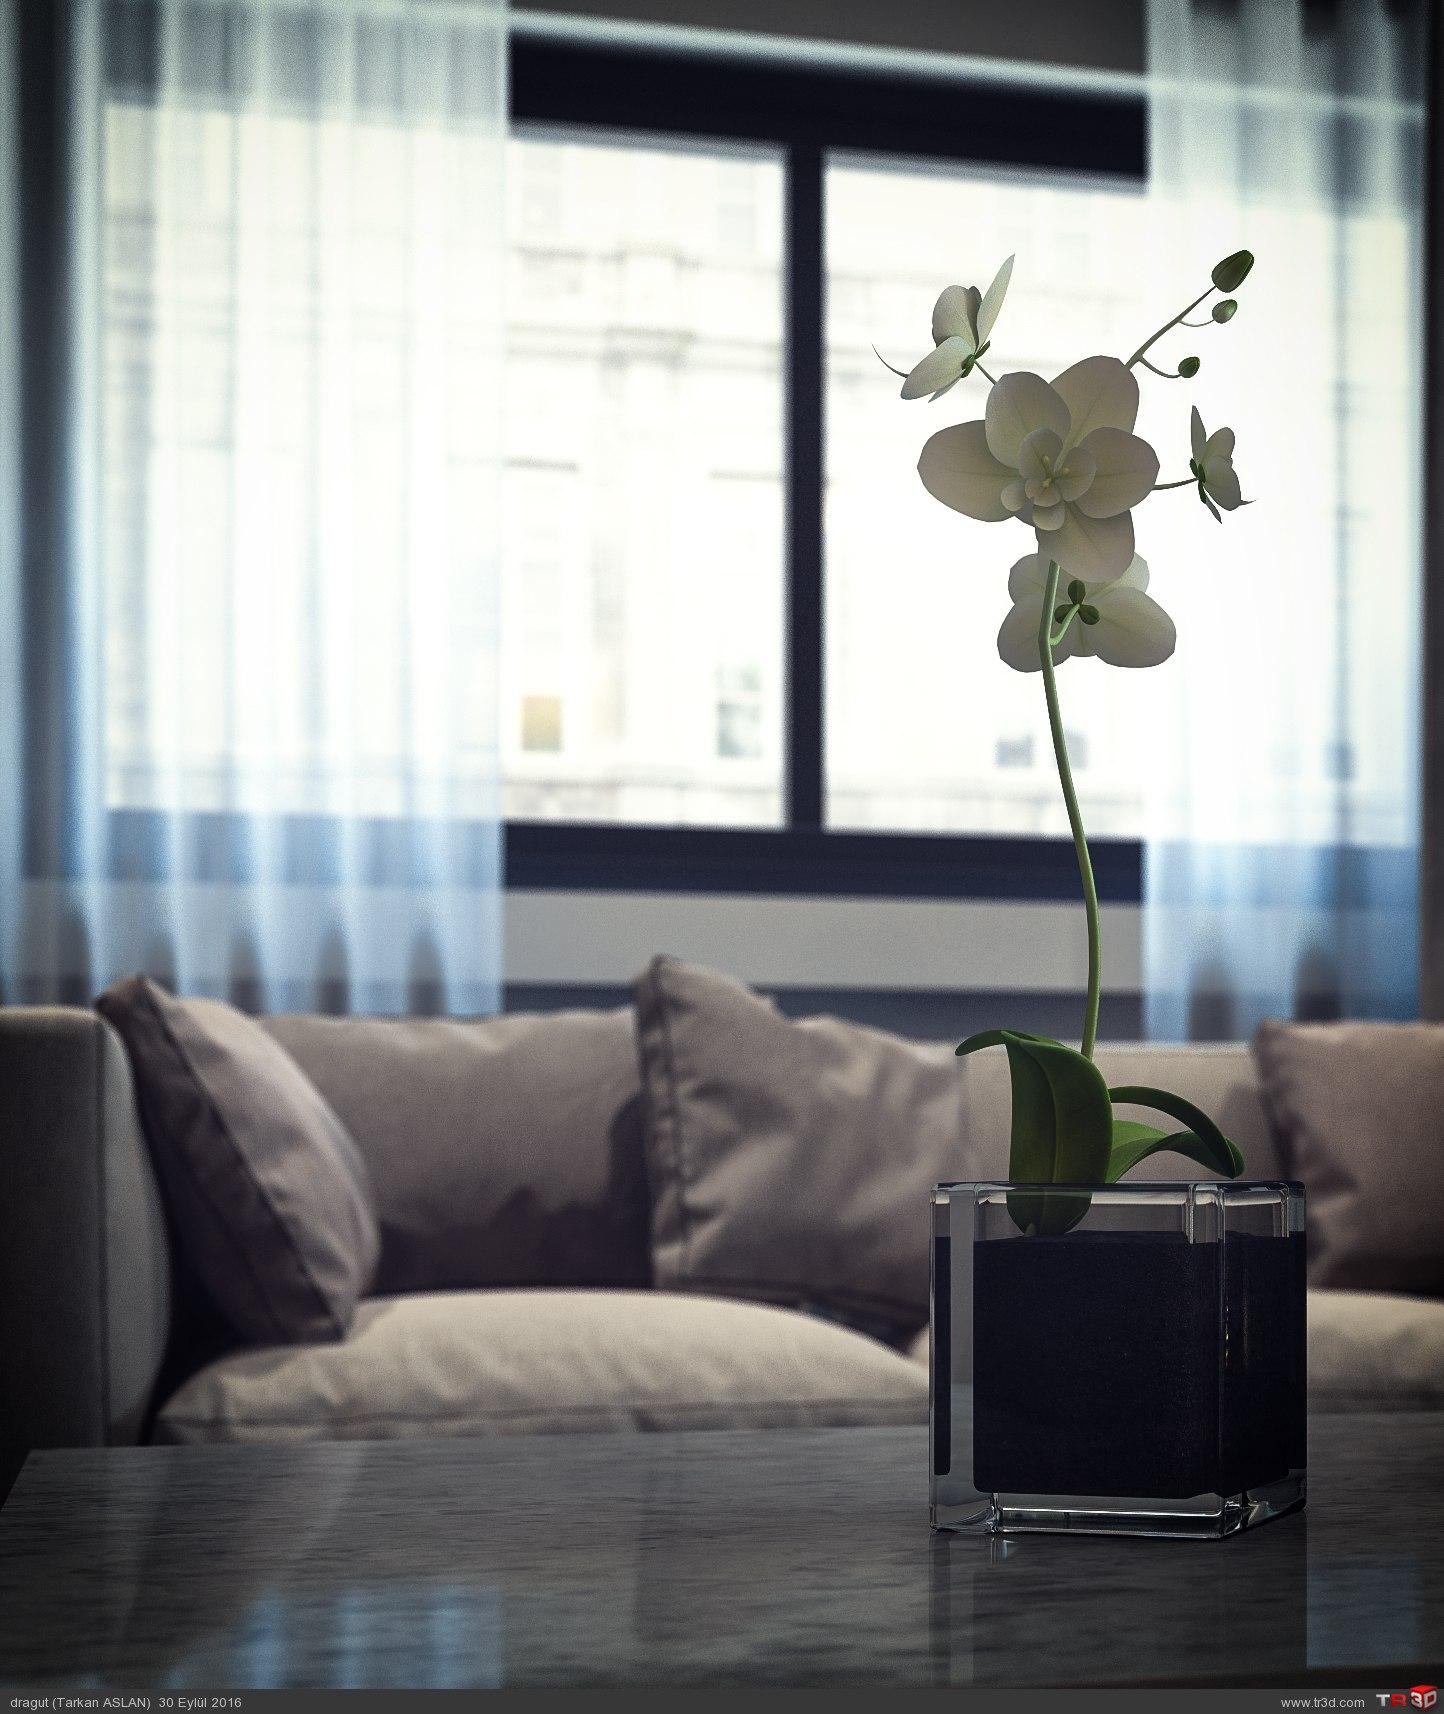 Lounge for New Sofas - Solitudine 1